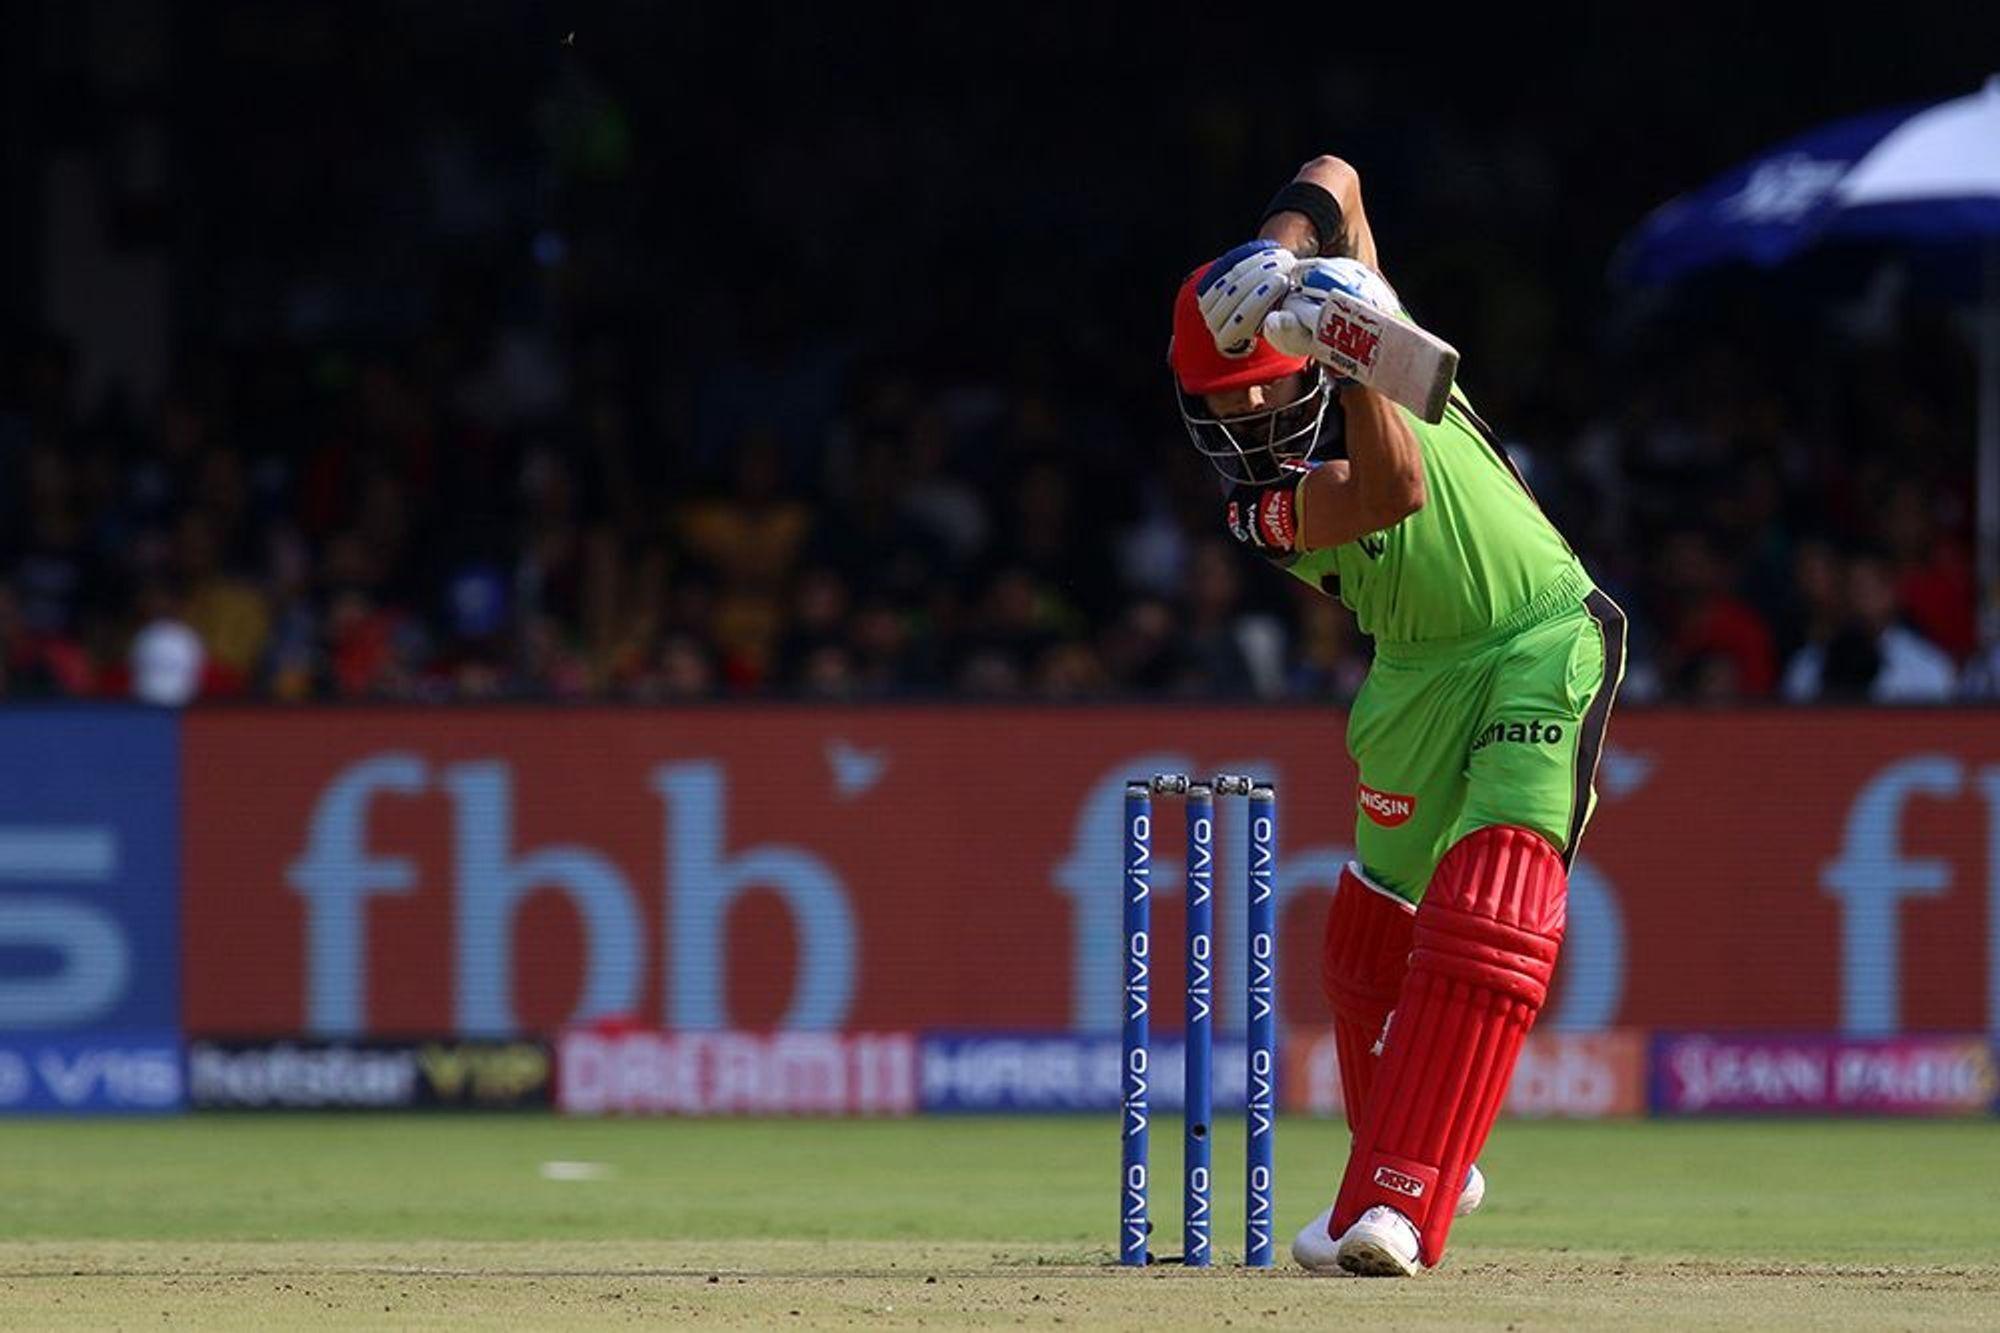 RCBvsDC: सोशल मीडिया पर कप्तानी के बाद अब विराट कोहली की बल्लेबाजी पर भी उठे सवाल